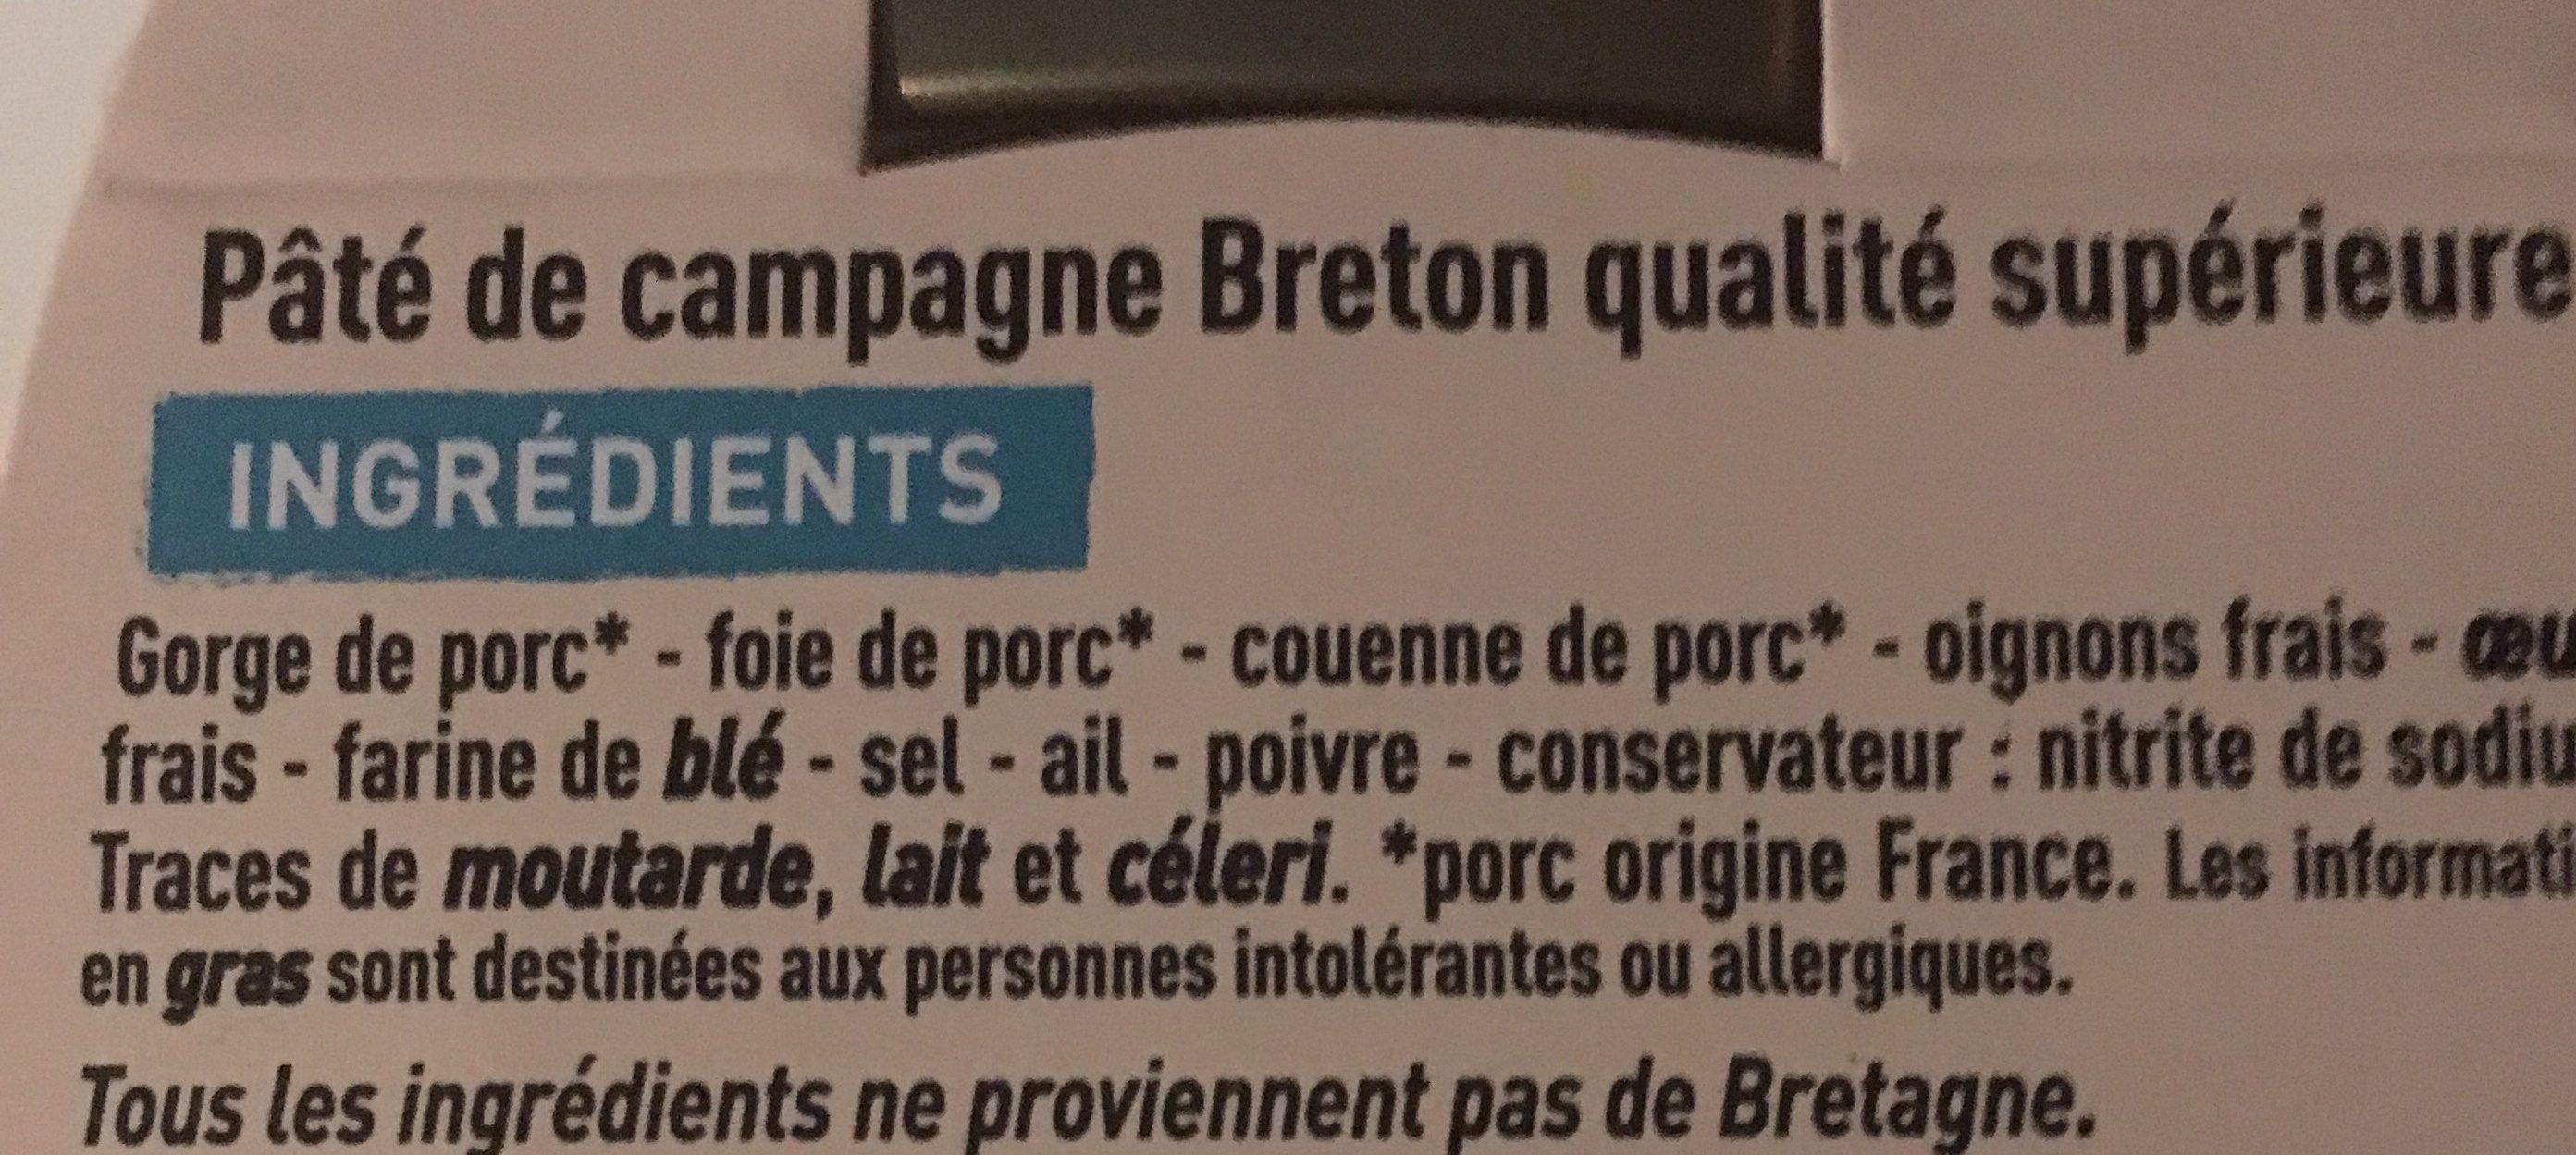 Paté de campagne breton LR CVI - Ingrediënten - fr